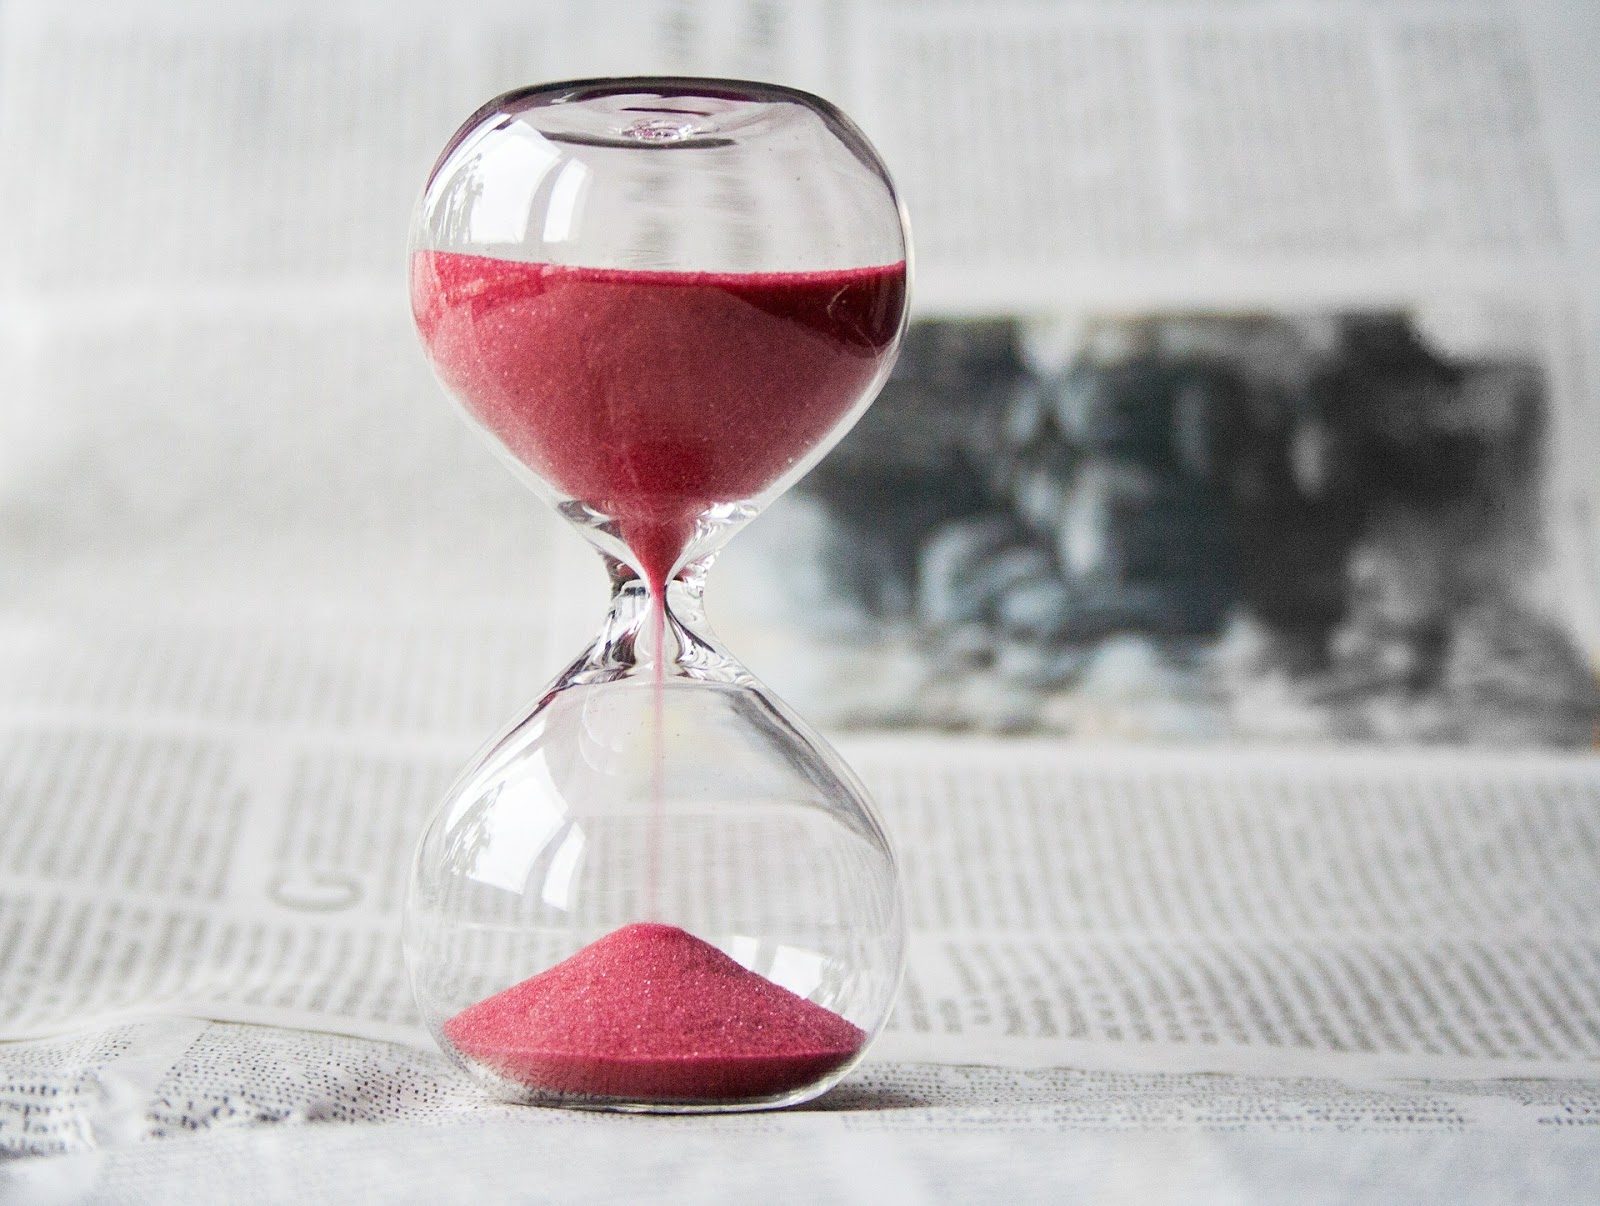 13 Frases Para Pensar Sobre O Tempo Avesso Do Caos